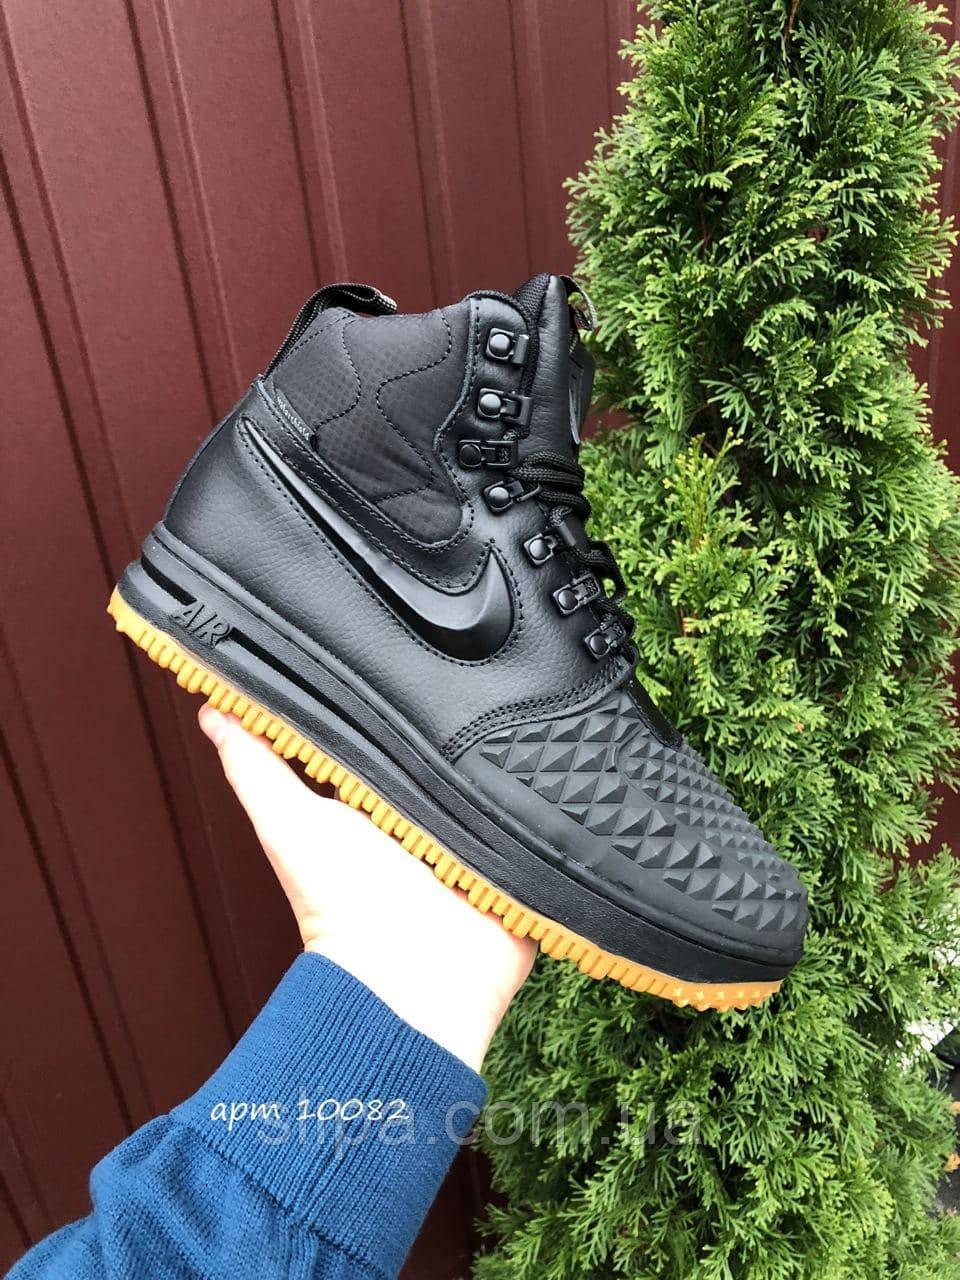 Мужские зимние кроссовки Nike Lunar Force 1 Duckboot чёрные на жёлтой подошве